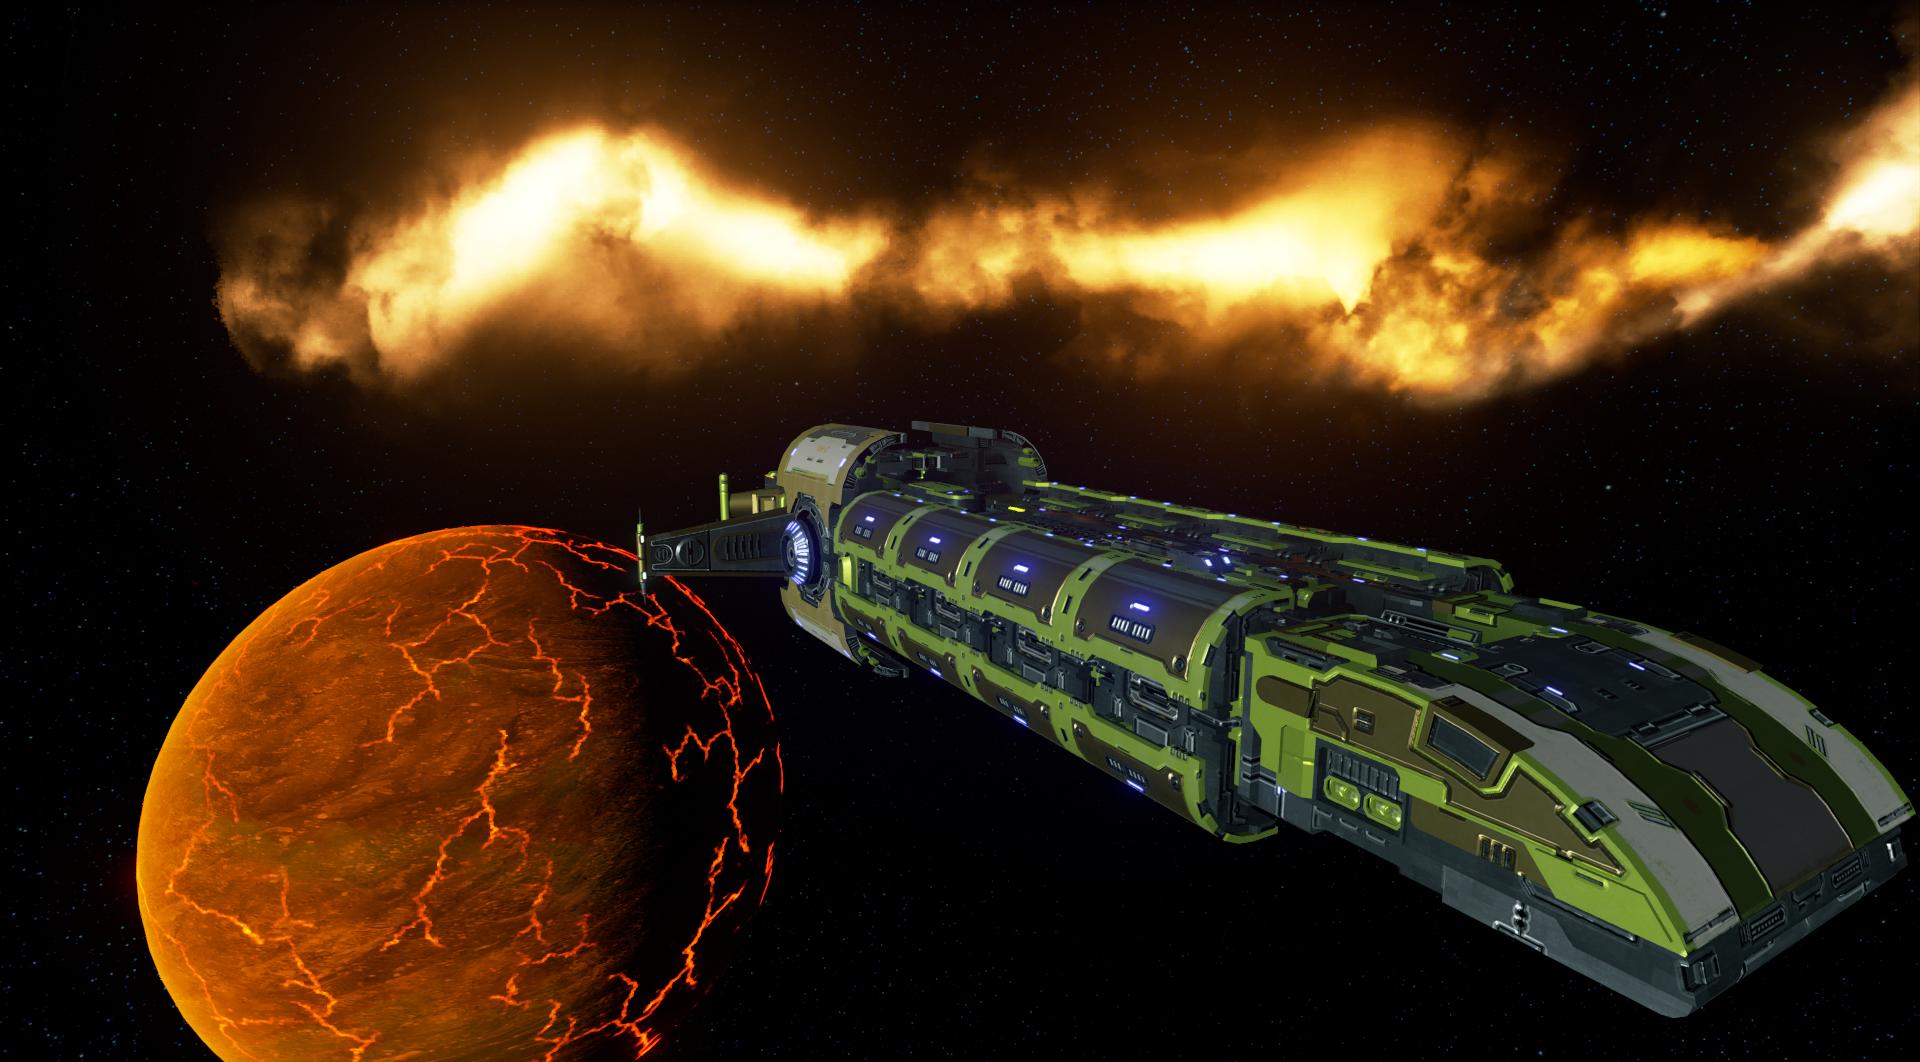 Как правильно покрасить космический корабль - Изображение 4